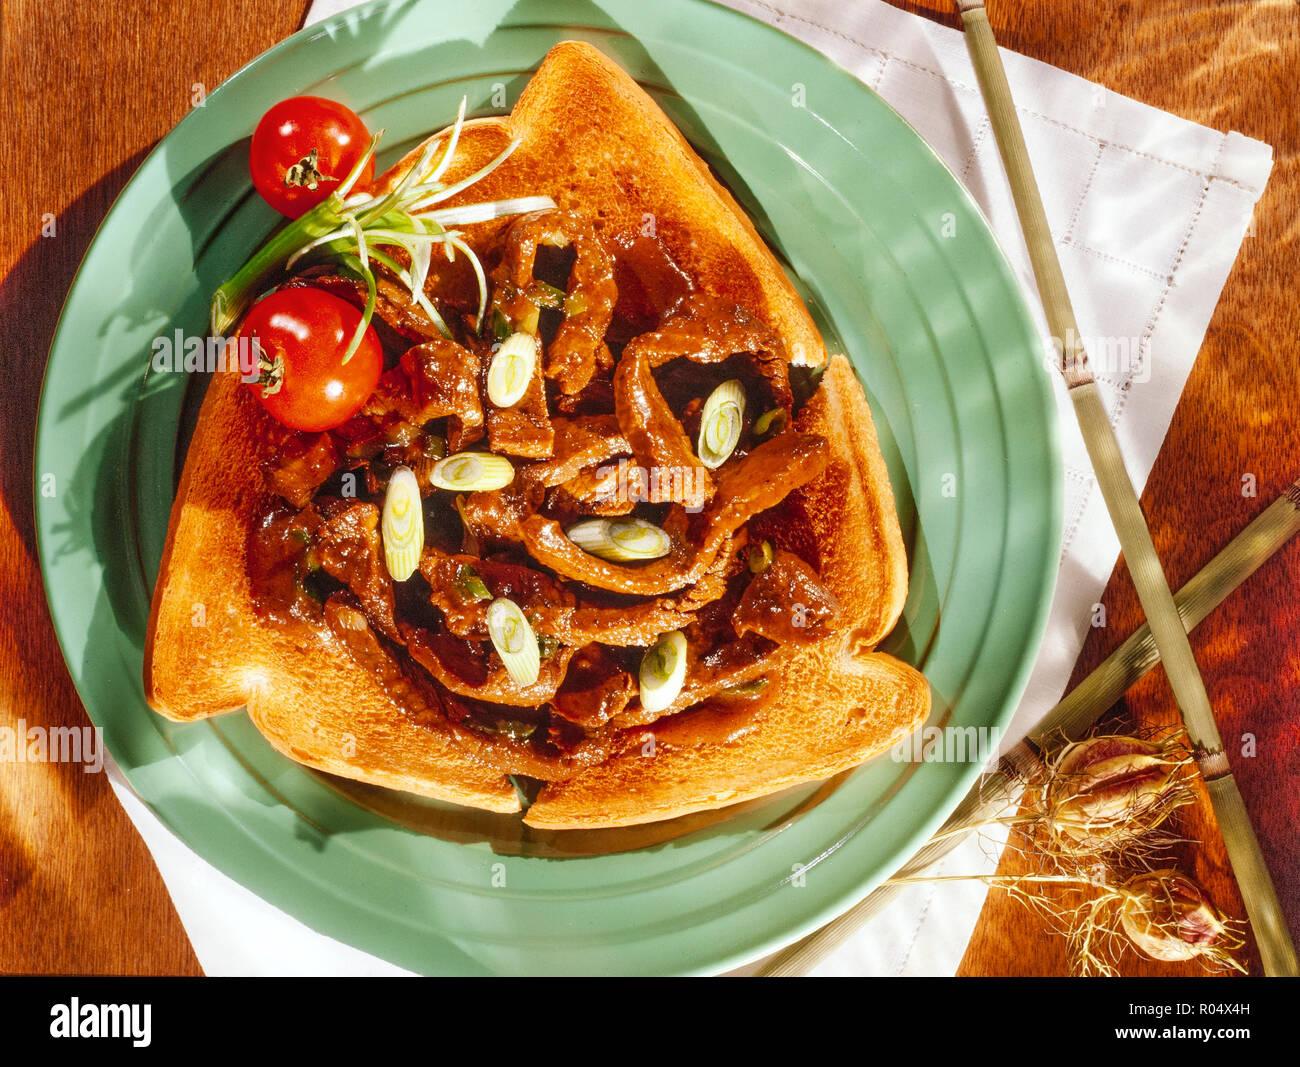 Geschnetzeltes Rindfleisch und Frühlingszwiebeln auf Toast Stockfoto